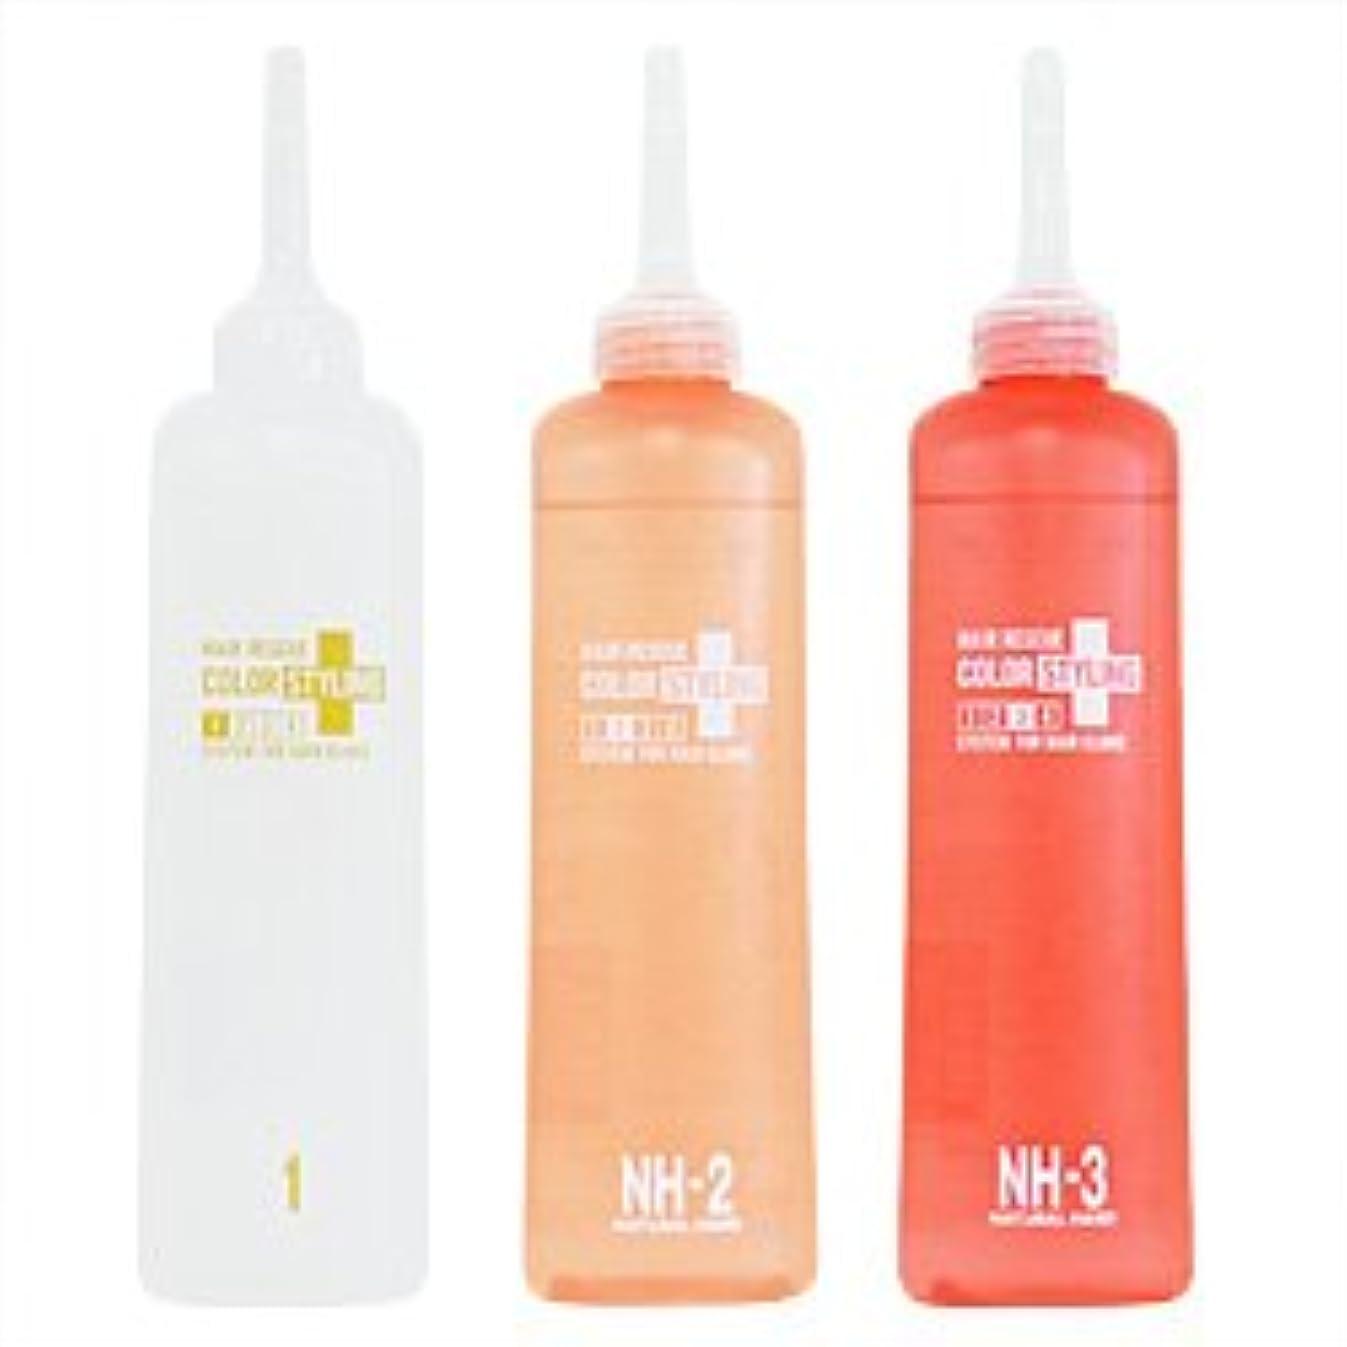 費用一掃するマティスタマリス ヘアレスキュー カラースタイリング1 2 3(3本セット)各150ml<ナチュラルハード>